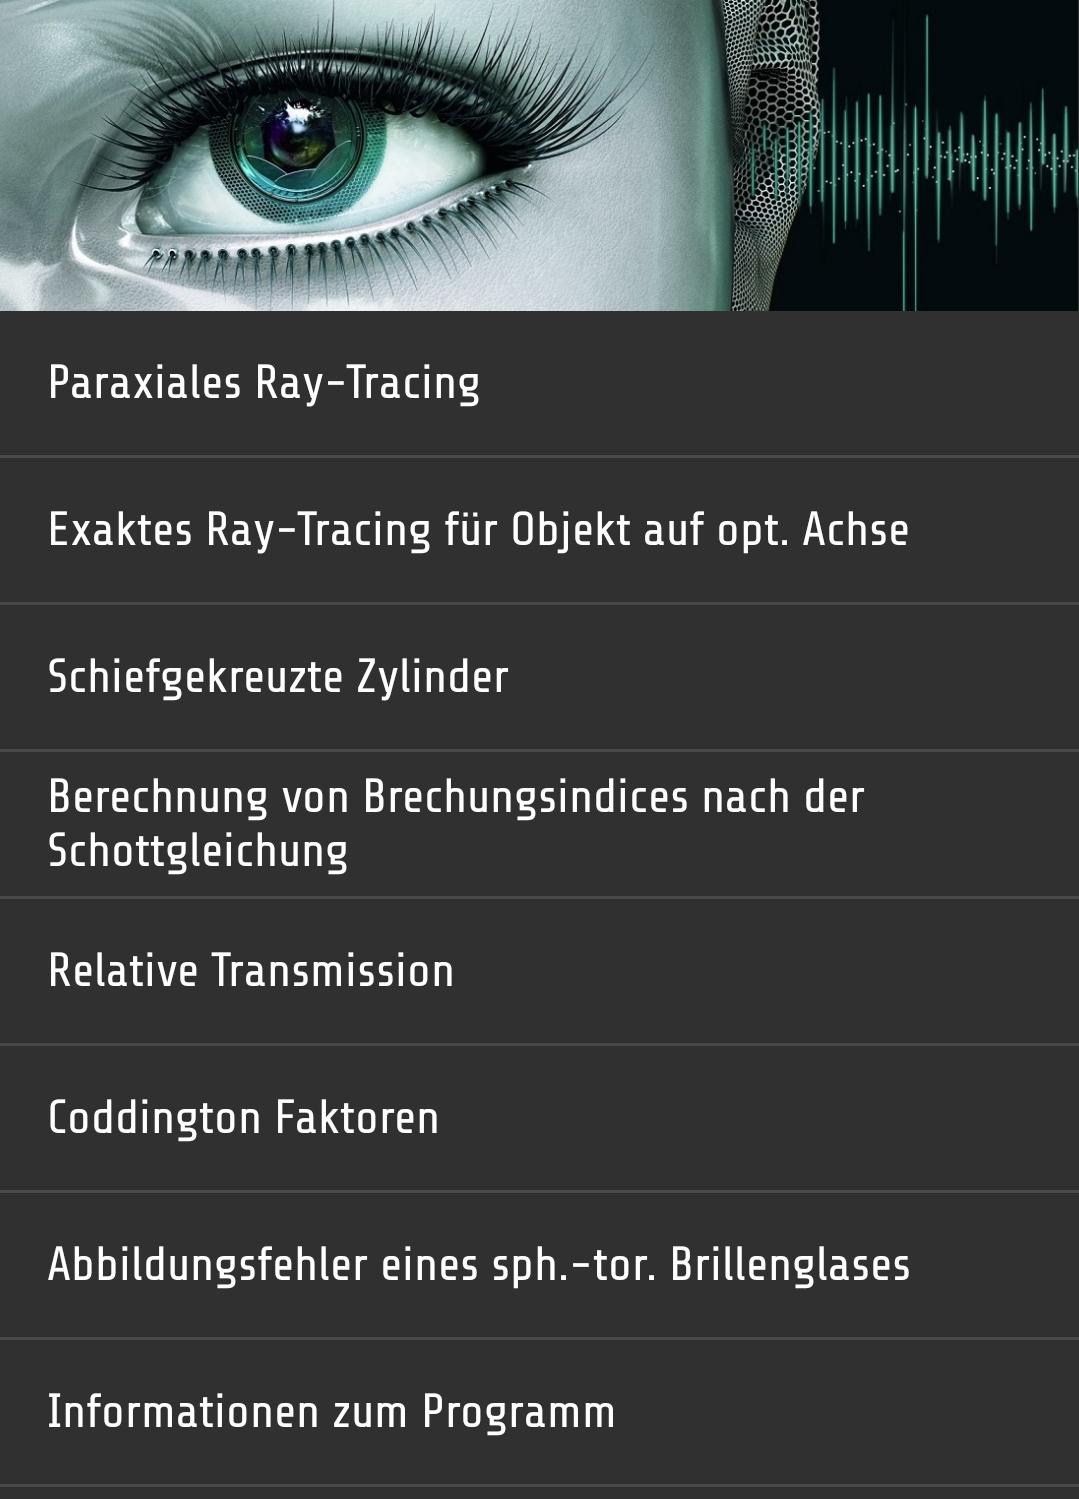 fastlane/metadata/android/de-DE/phoneScreenshots/exa_1.png